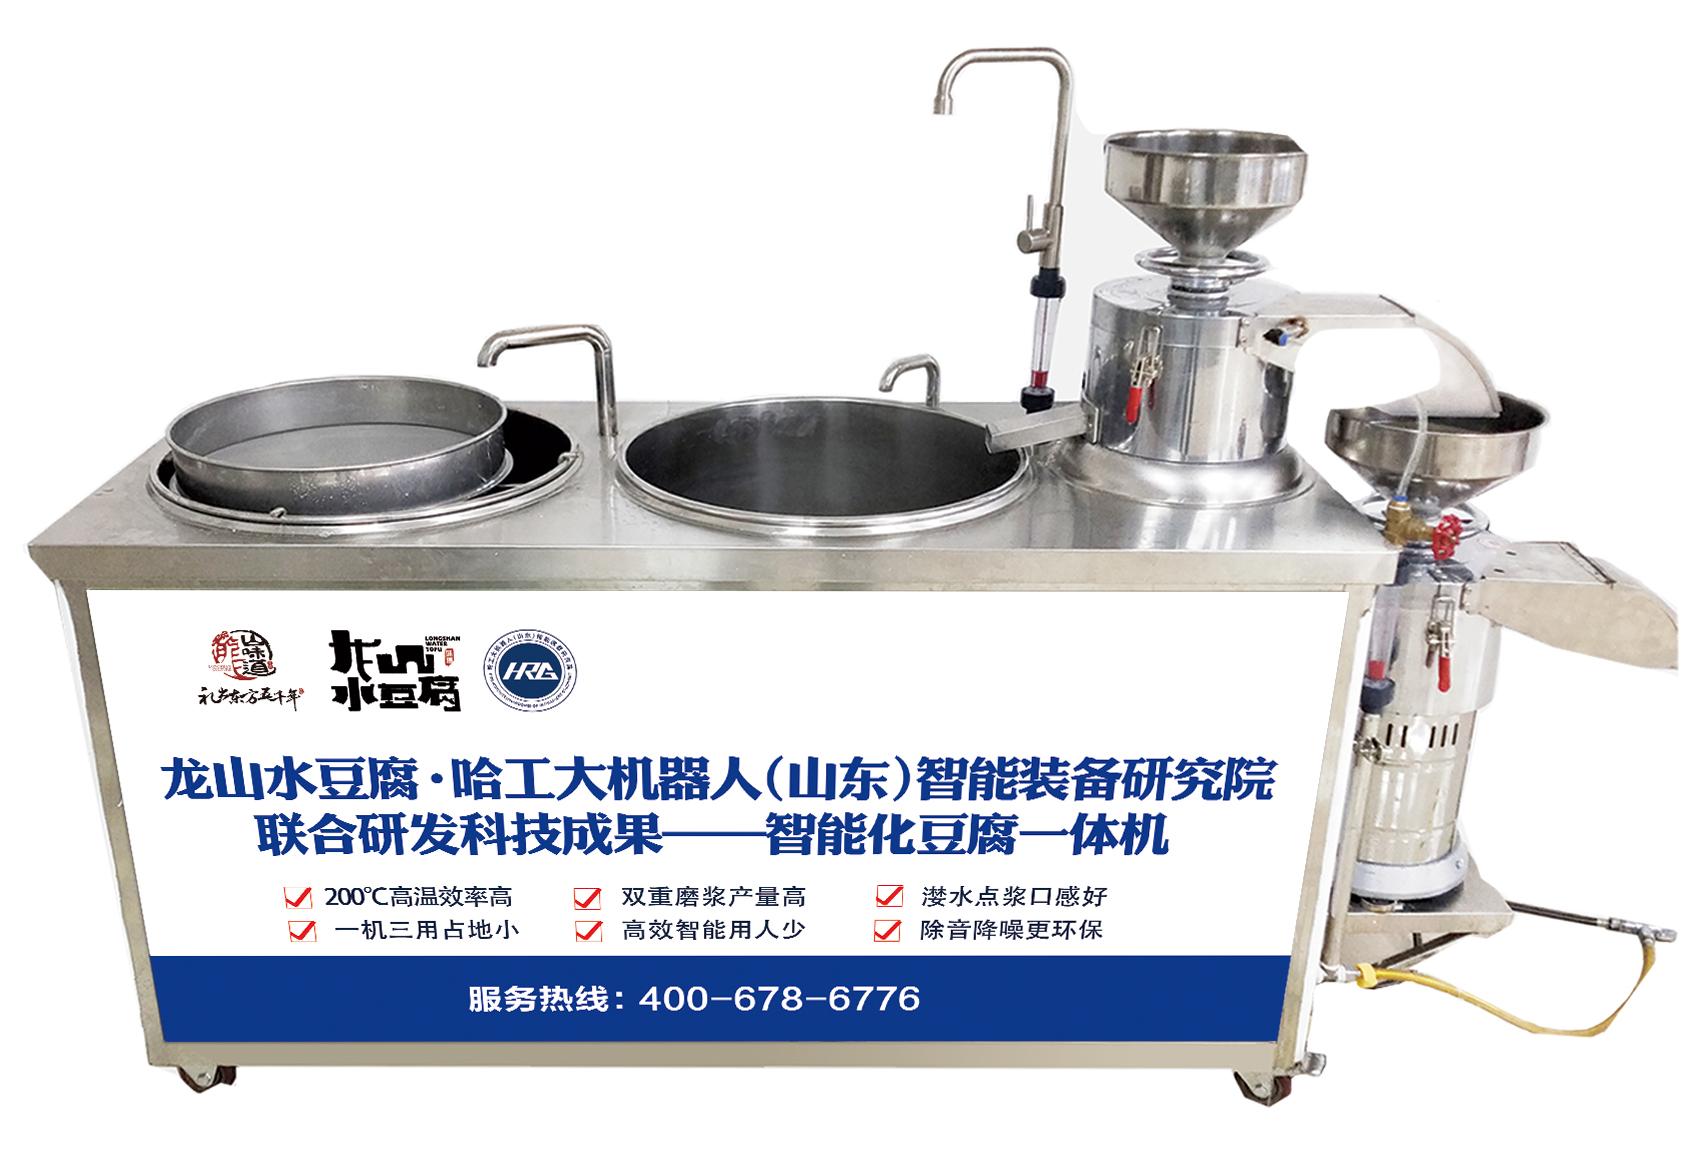 智能豆腐一体机哪里有卖的来龙山水豆腐加盟来看看